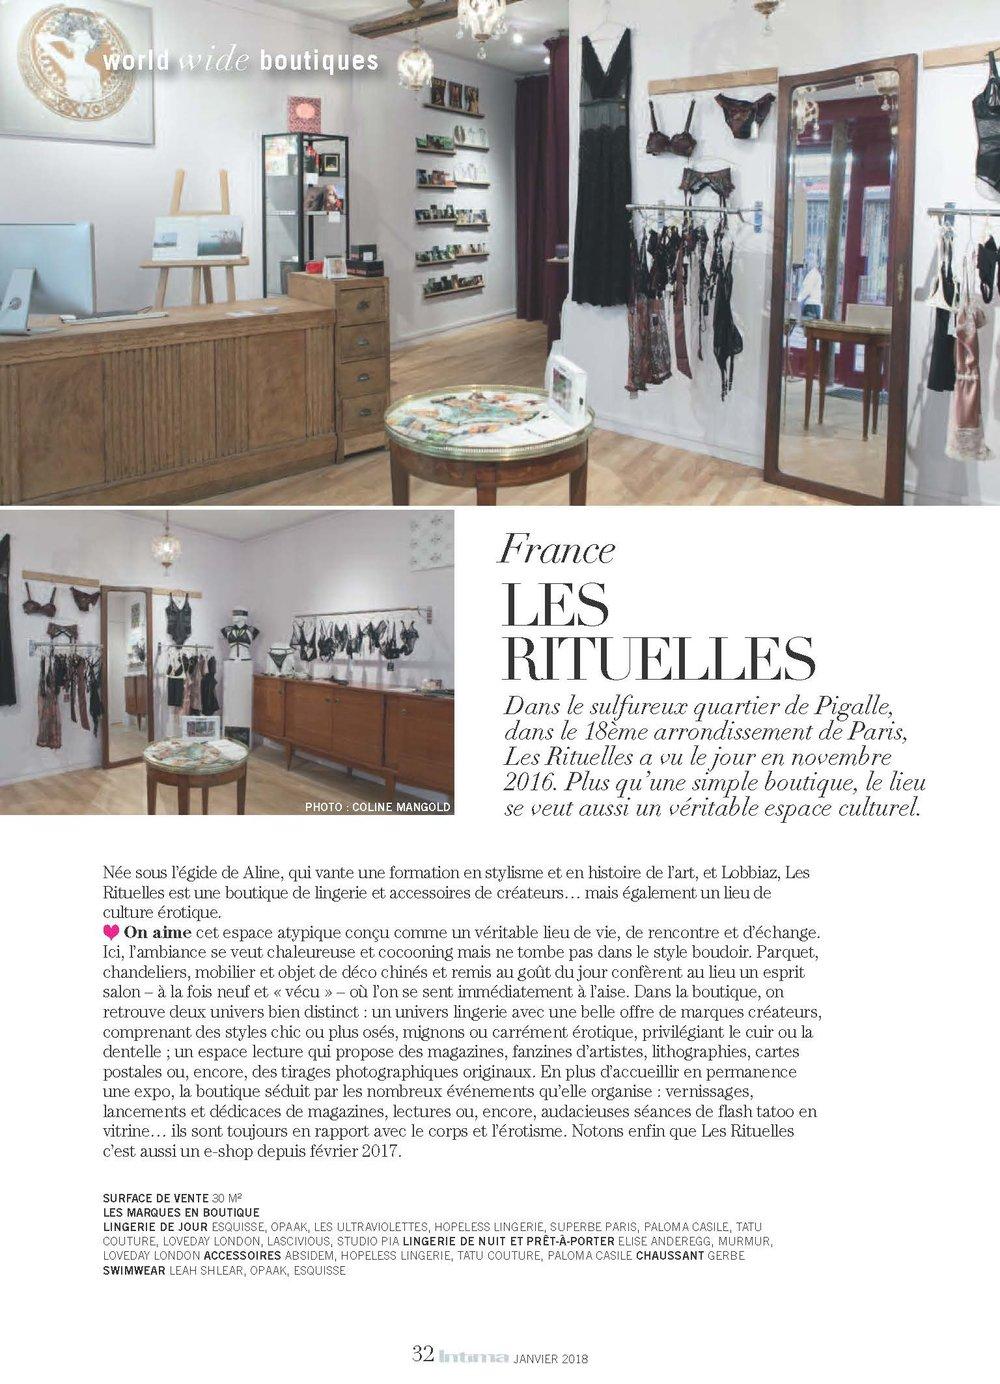 Article sur Les Rituelles - magazine Intima - Janvier 2018